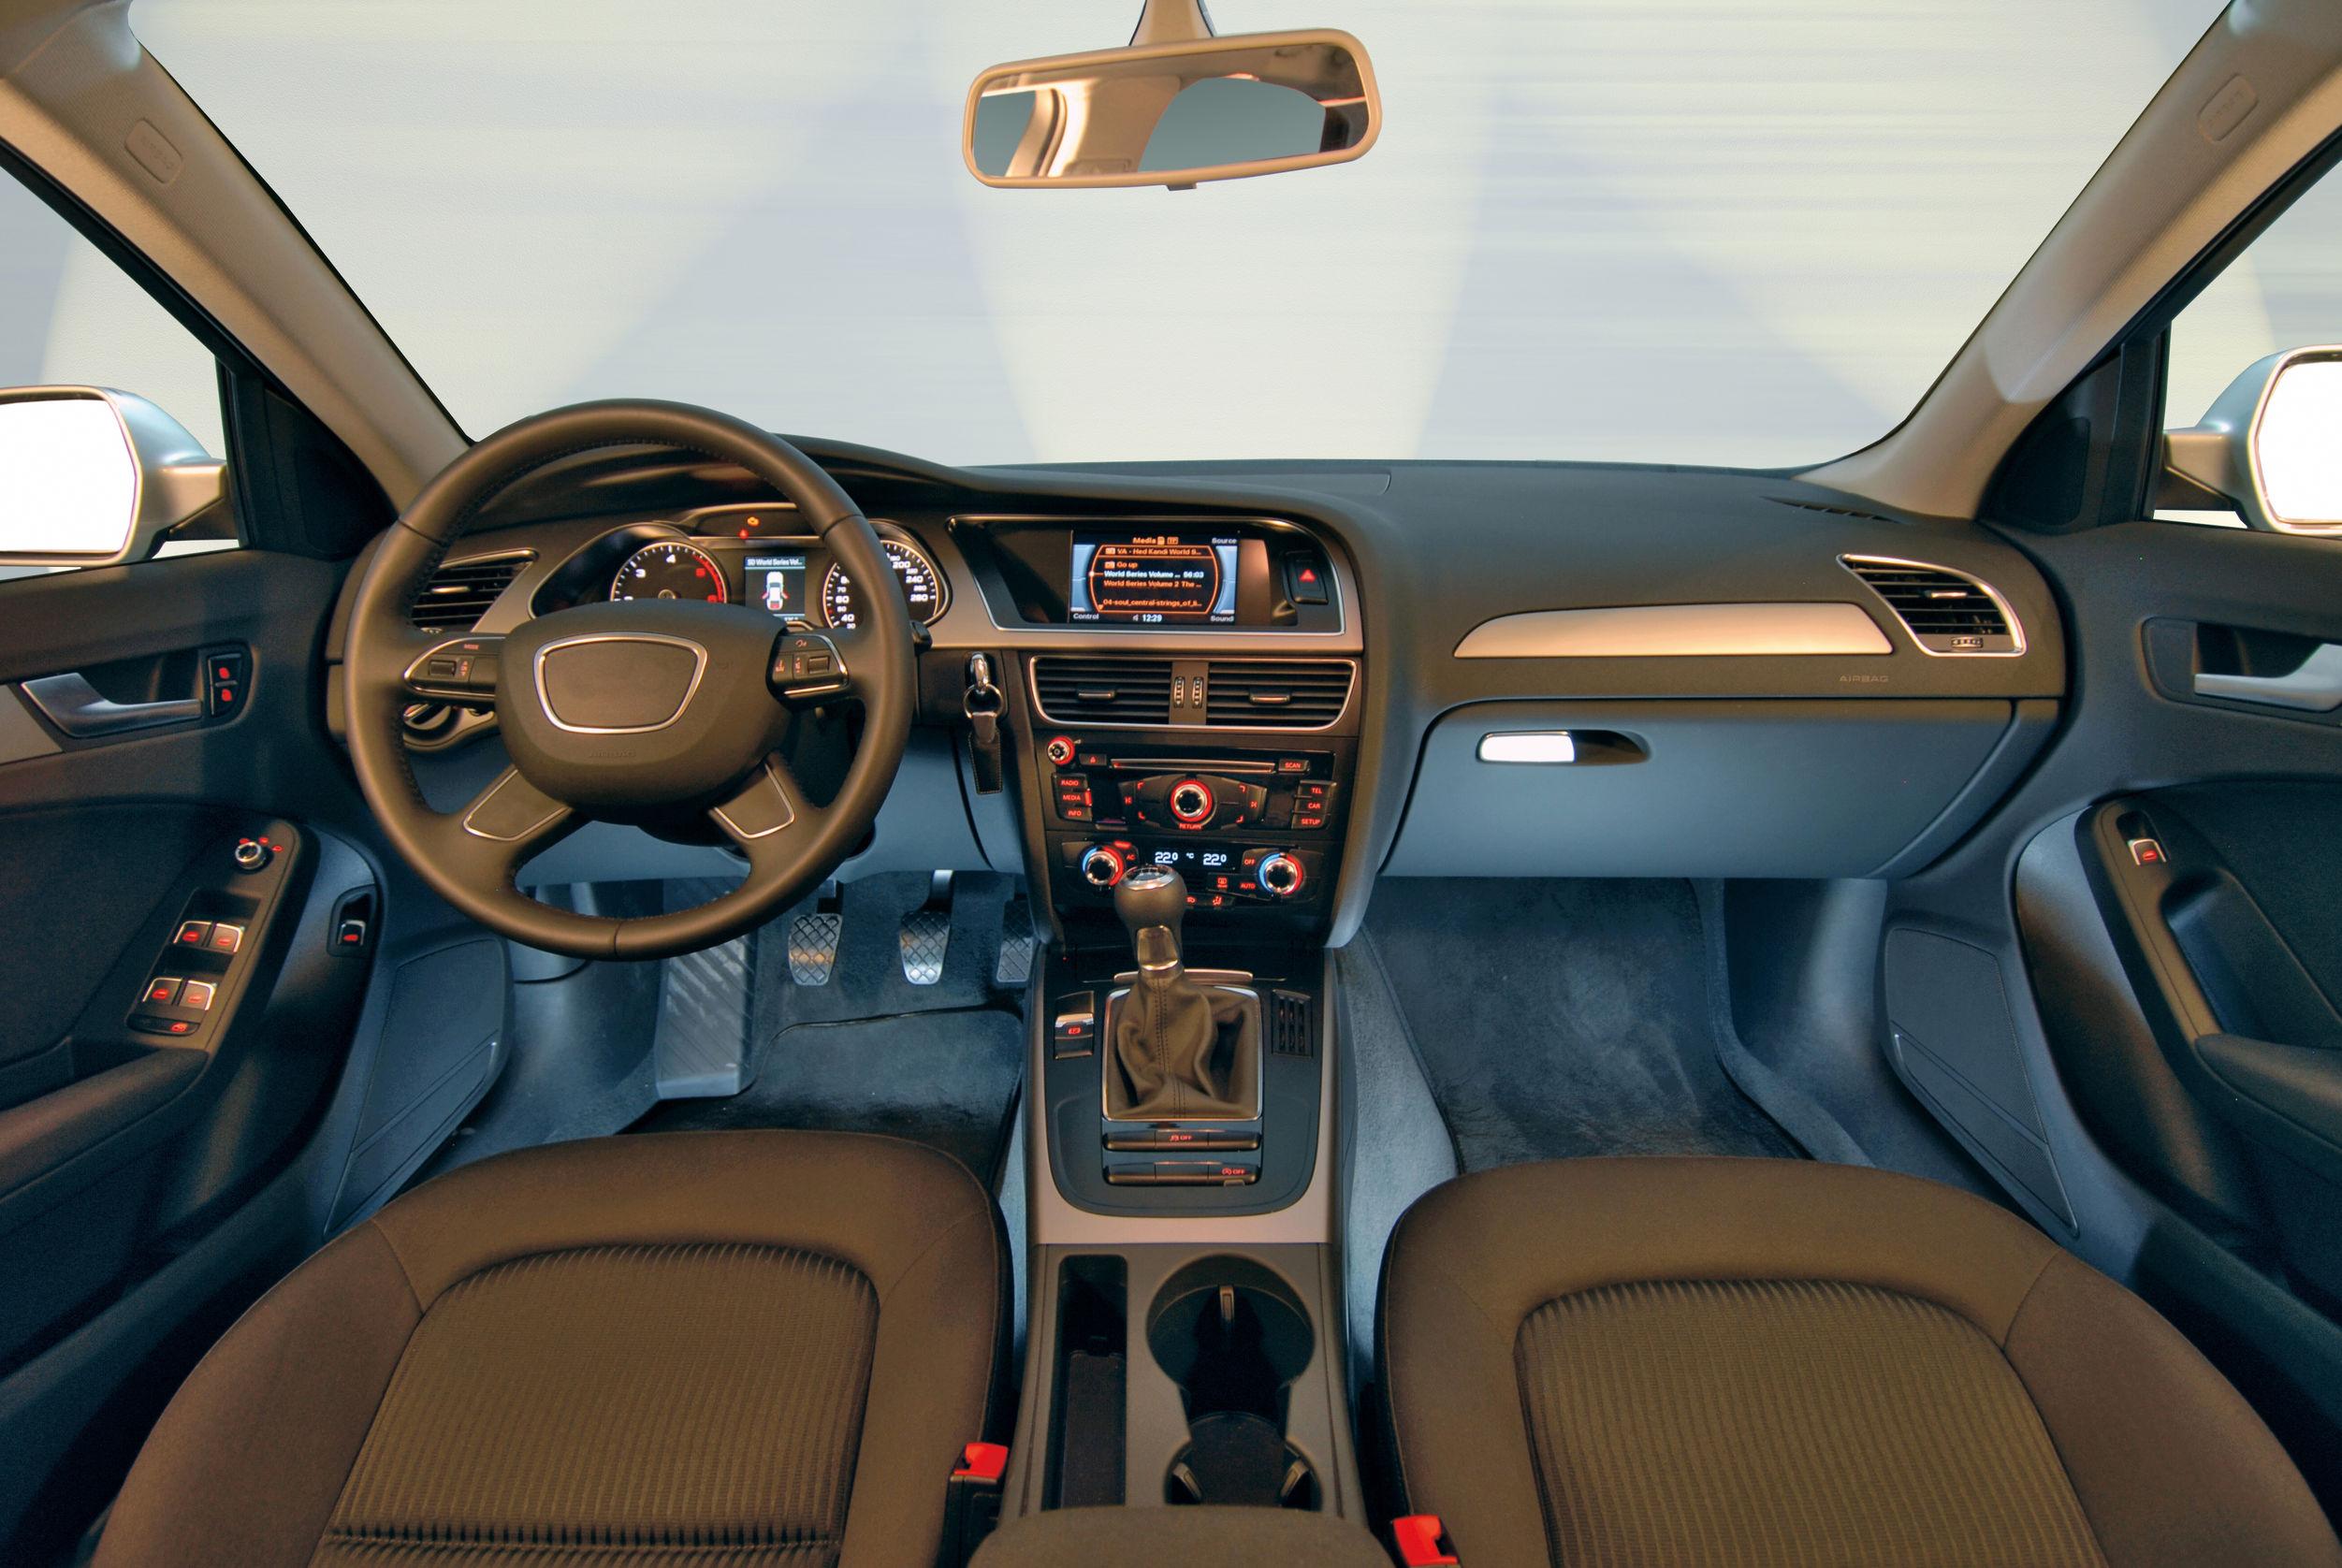 Autositzbezüge: Test & Empfehlungen (04/21)